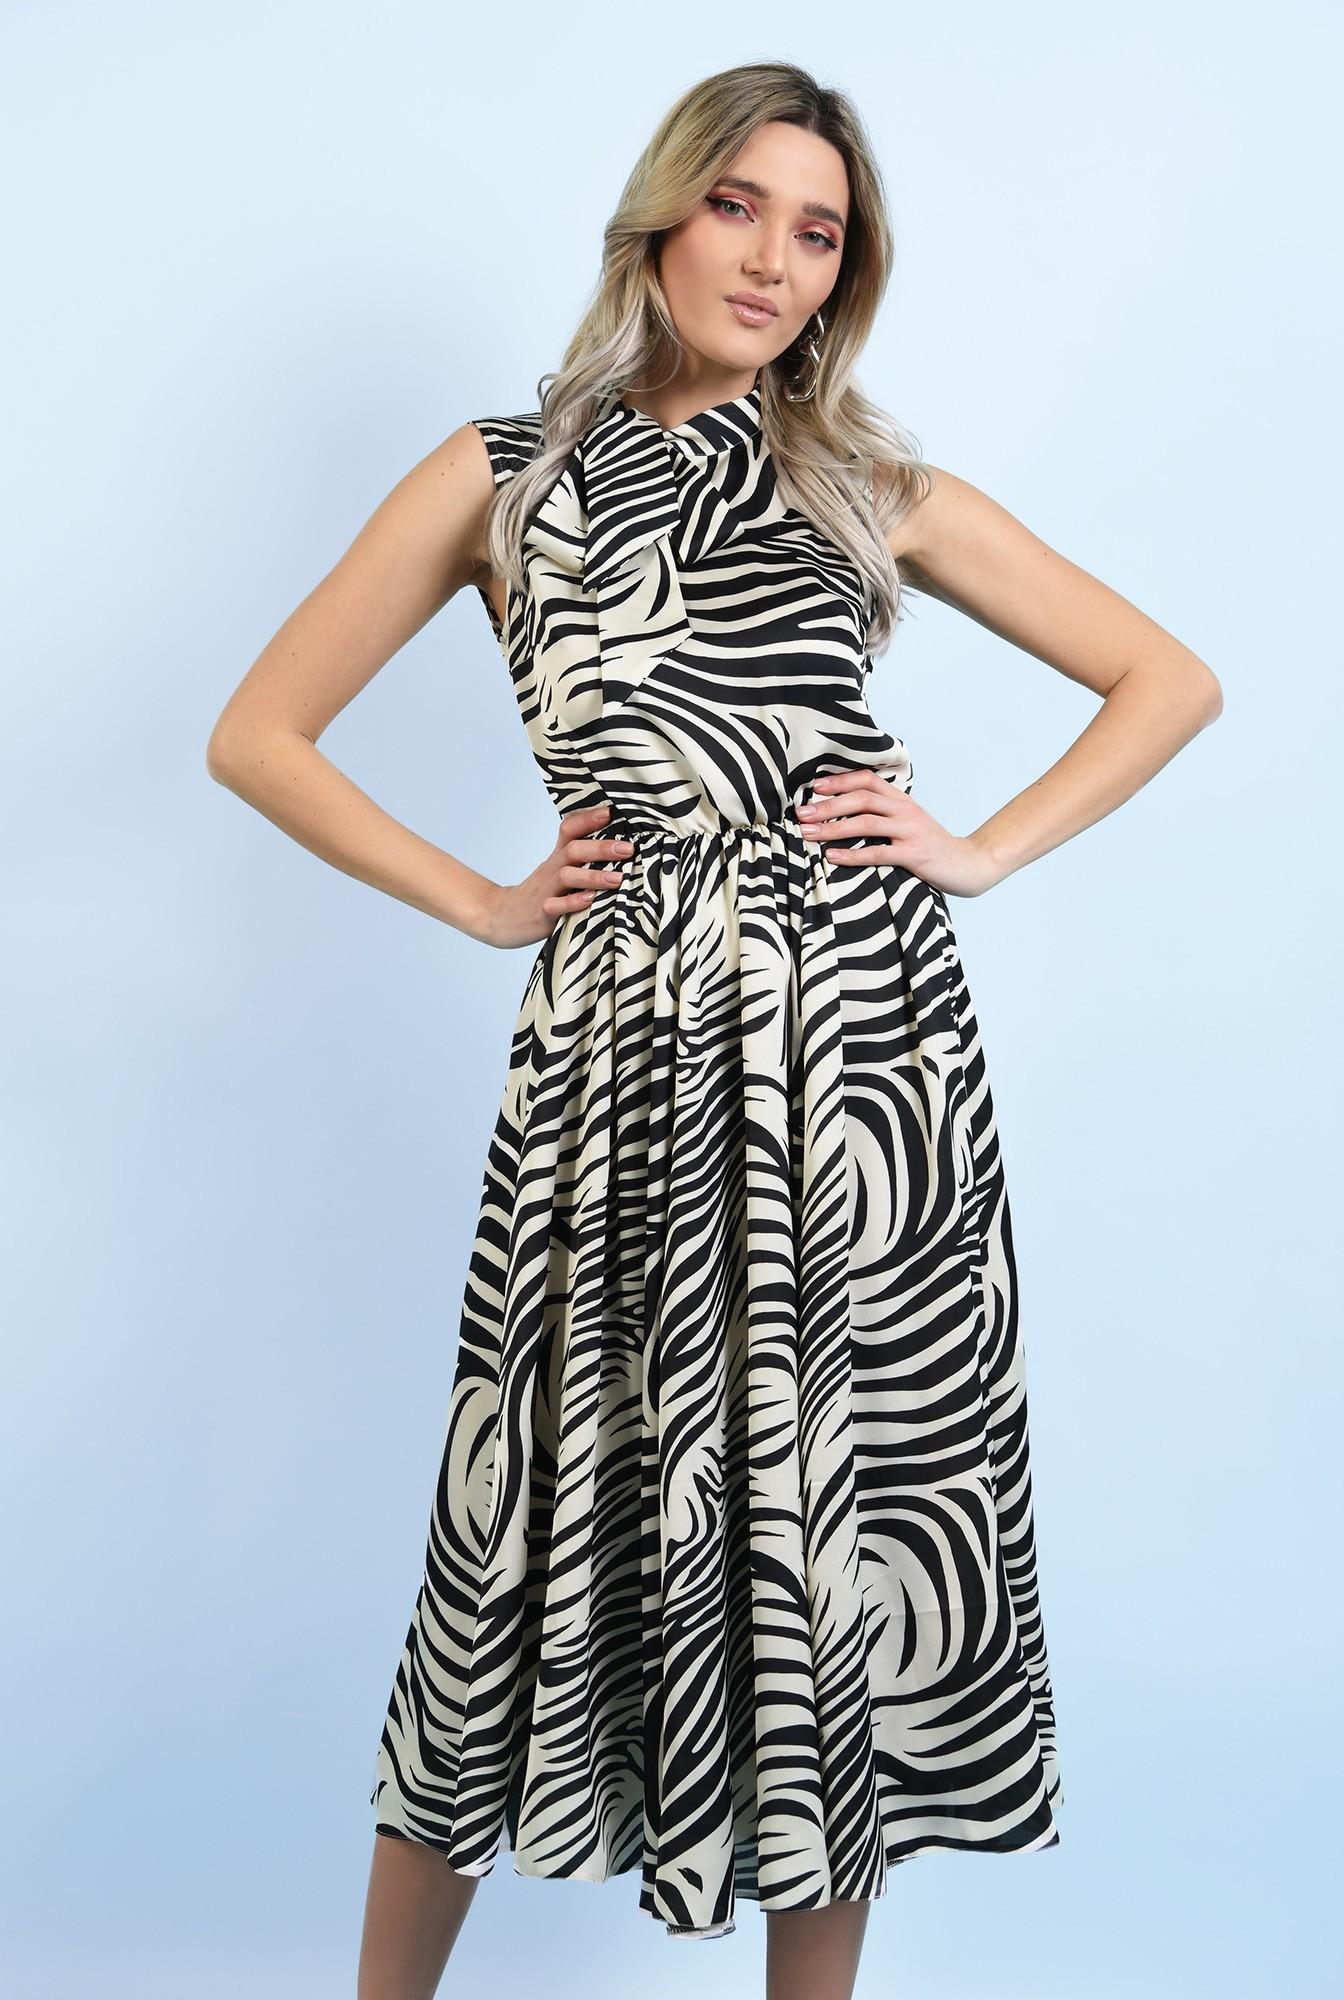 0 - rochie eleganta, midi, evazata, fara maneci, print zebra